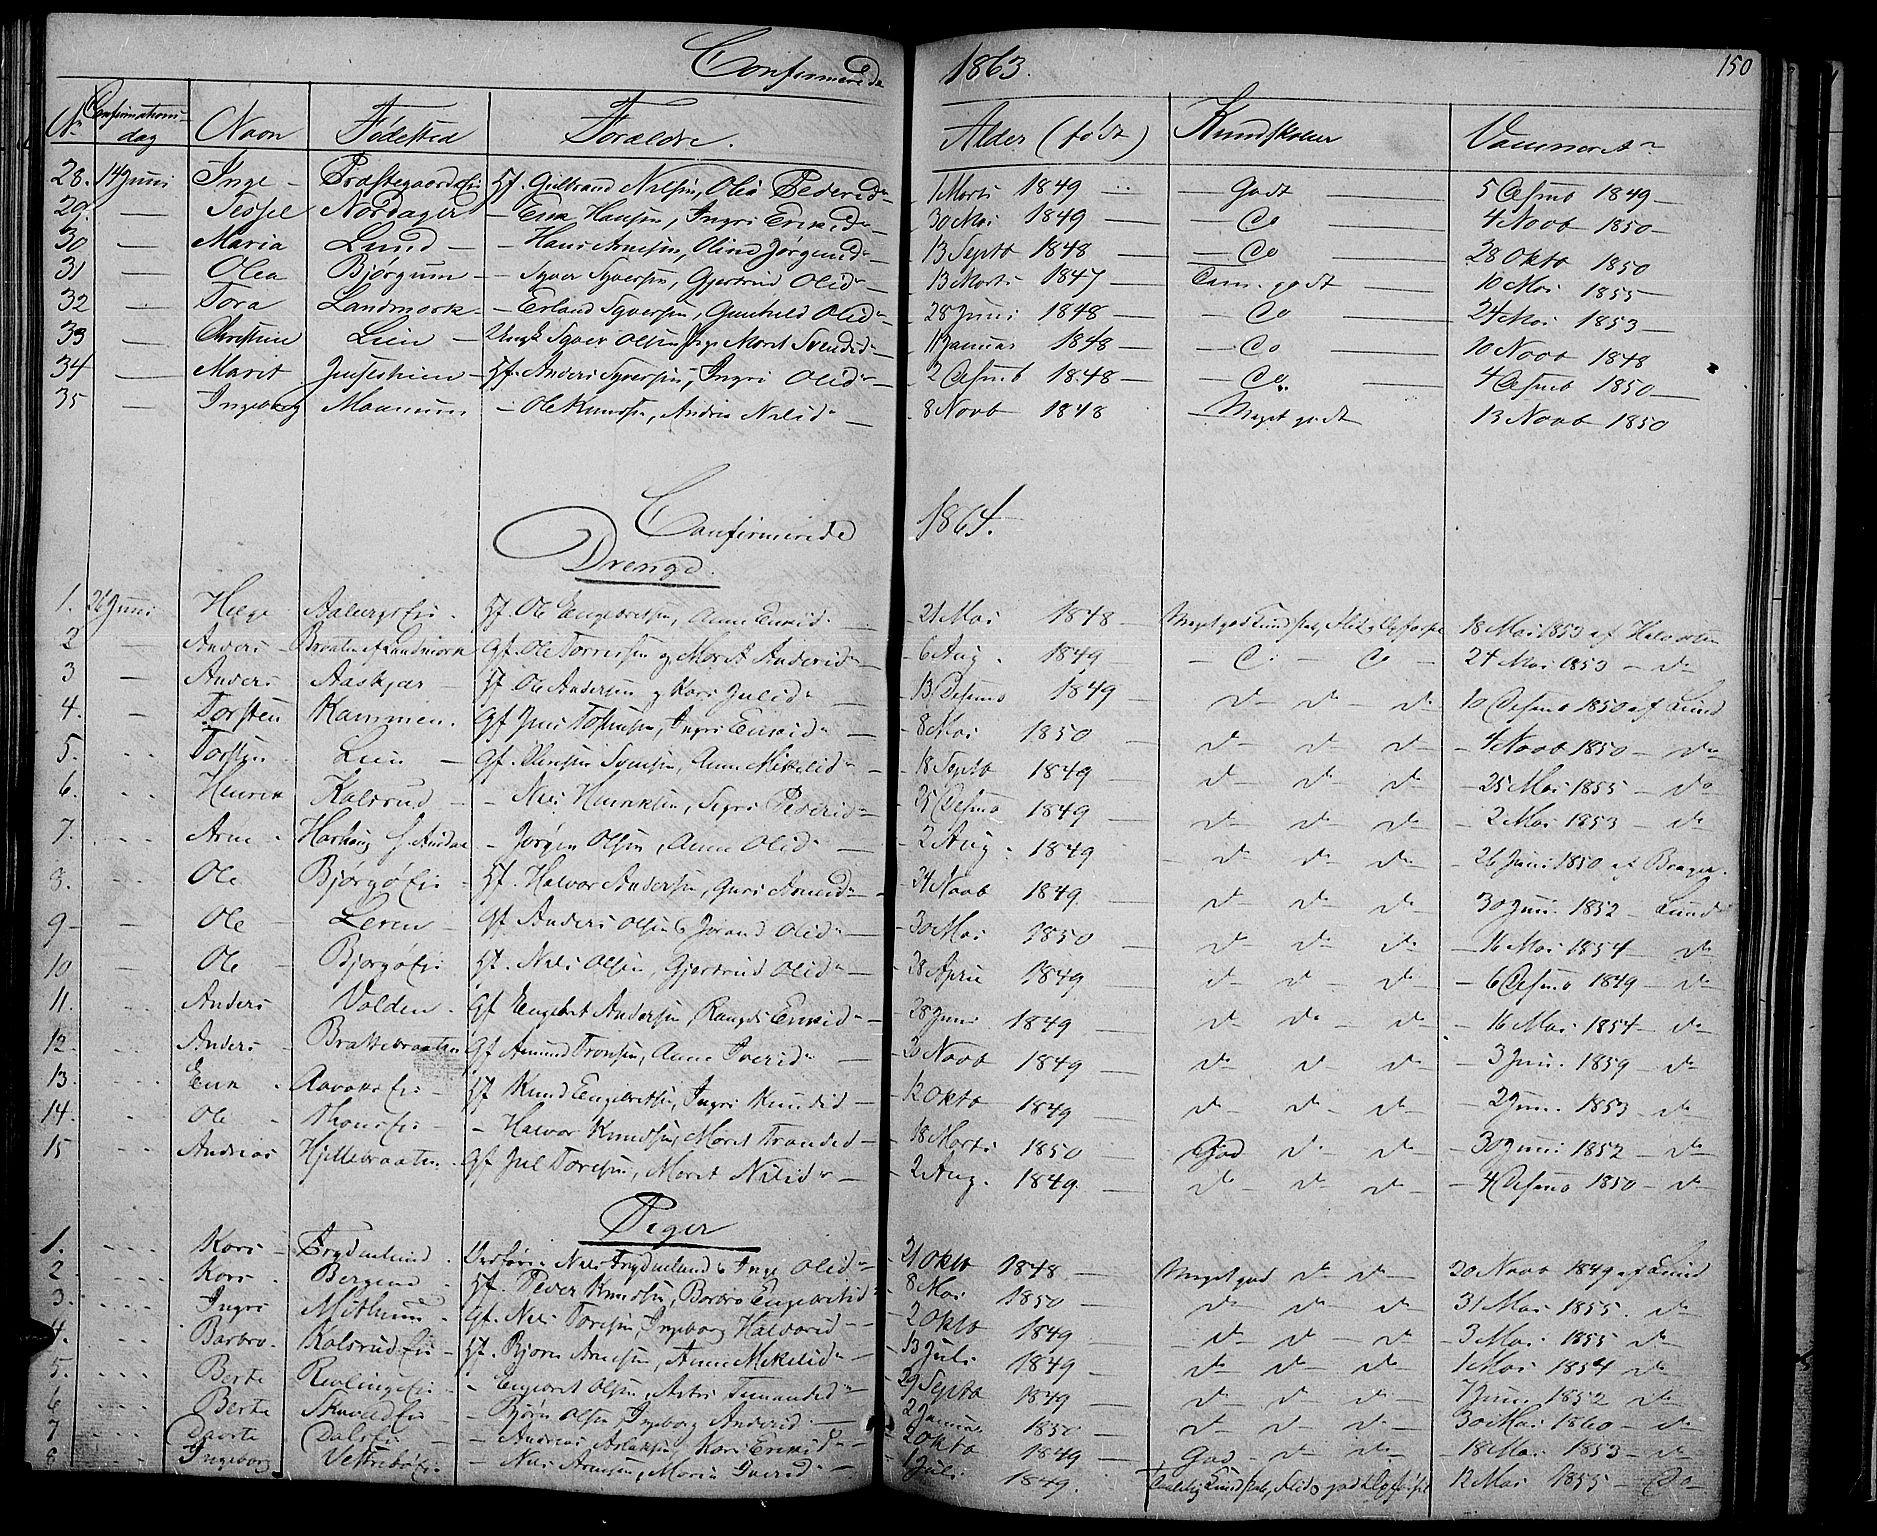 SAH, Nord-Aurdal prestekontor, Klokkerbok nr. 2, 1842-1877, s. 150